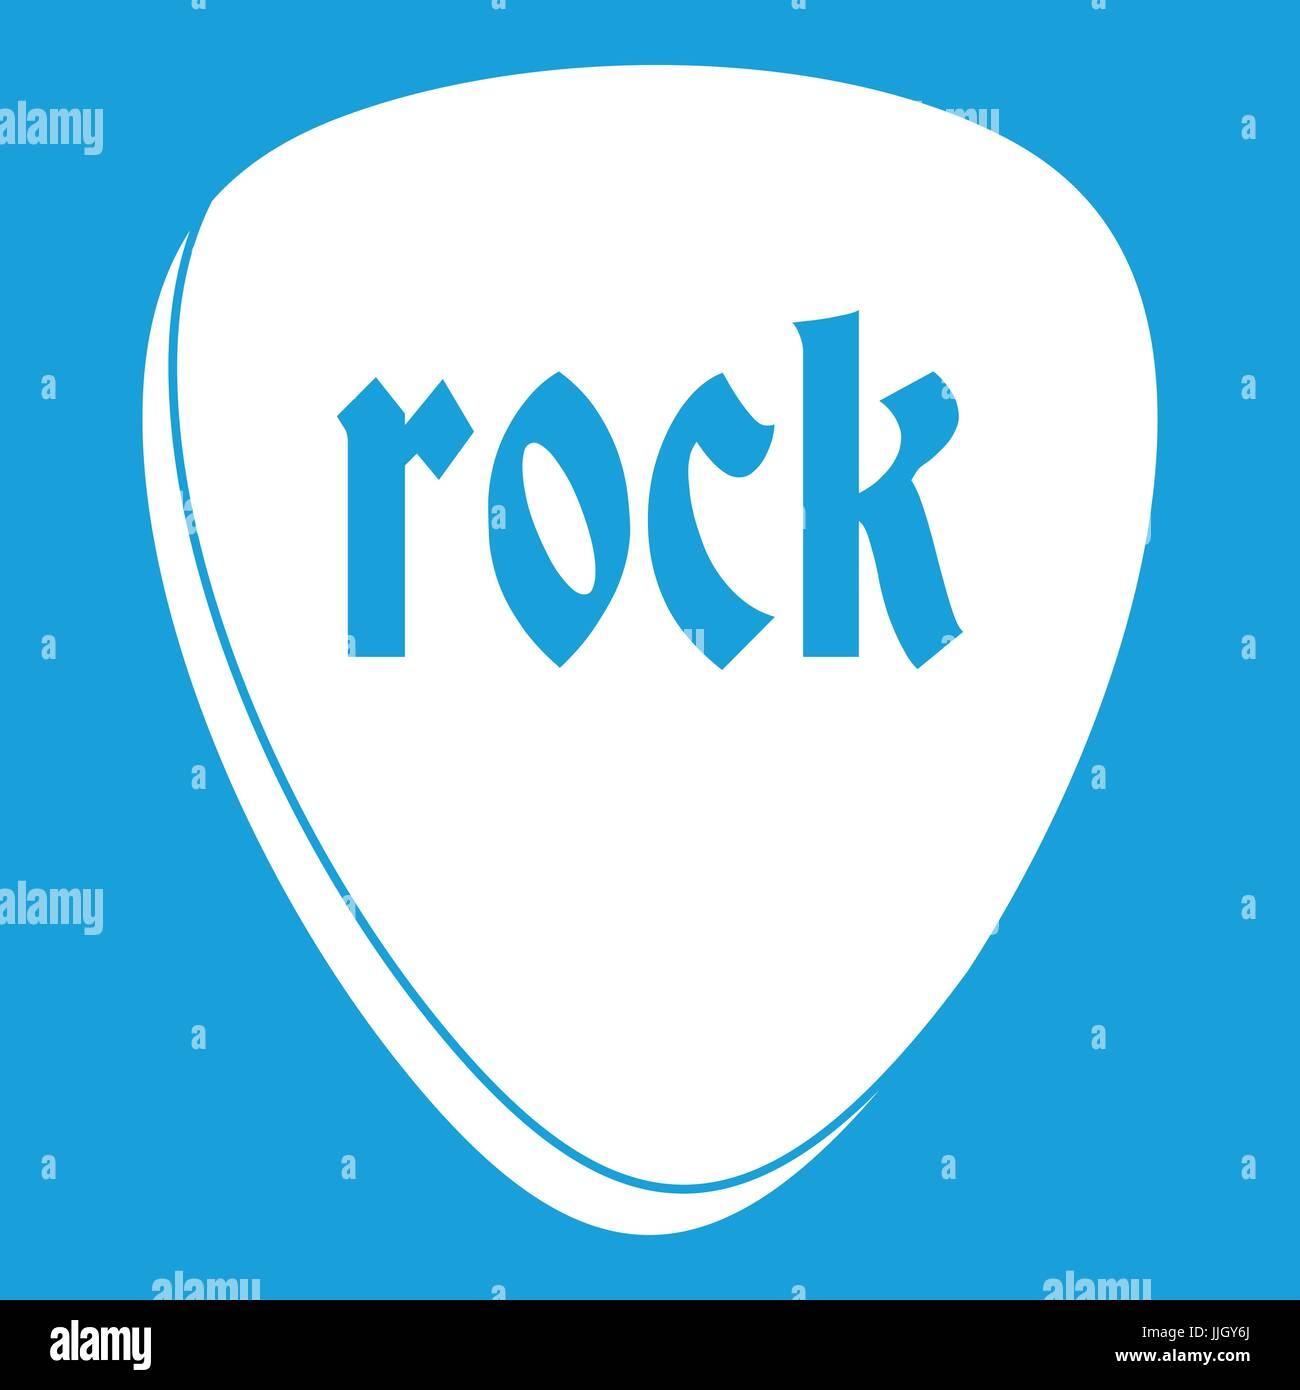 Rock stone icon white - Stock Image